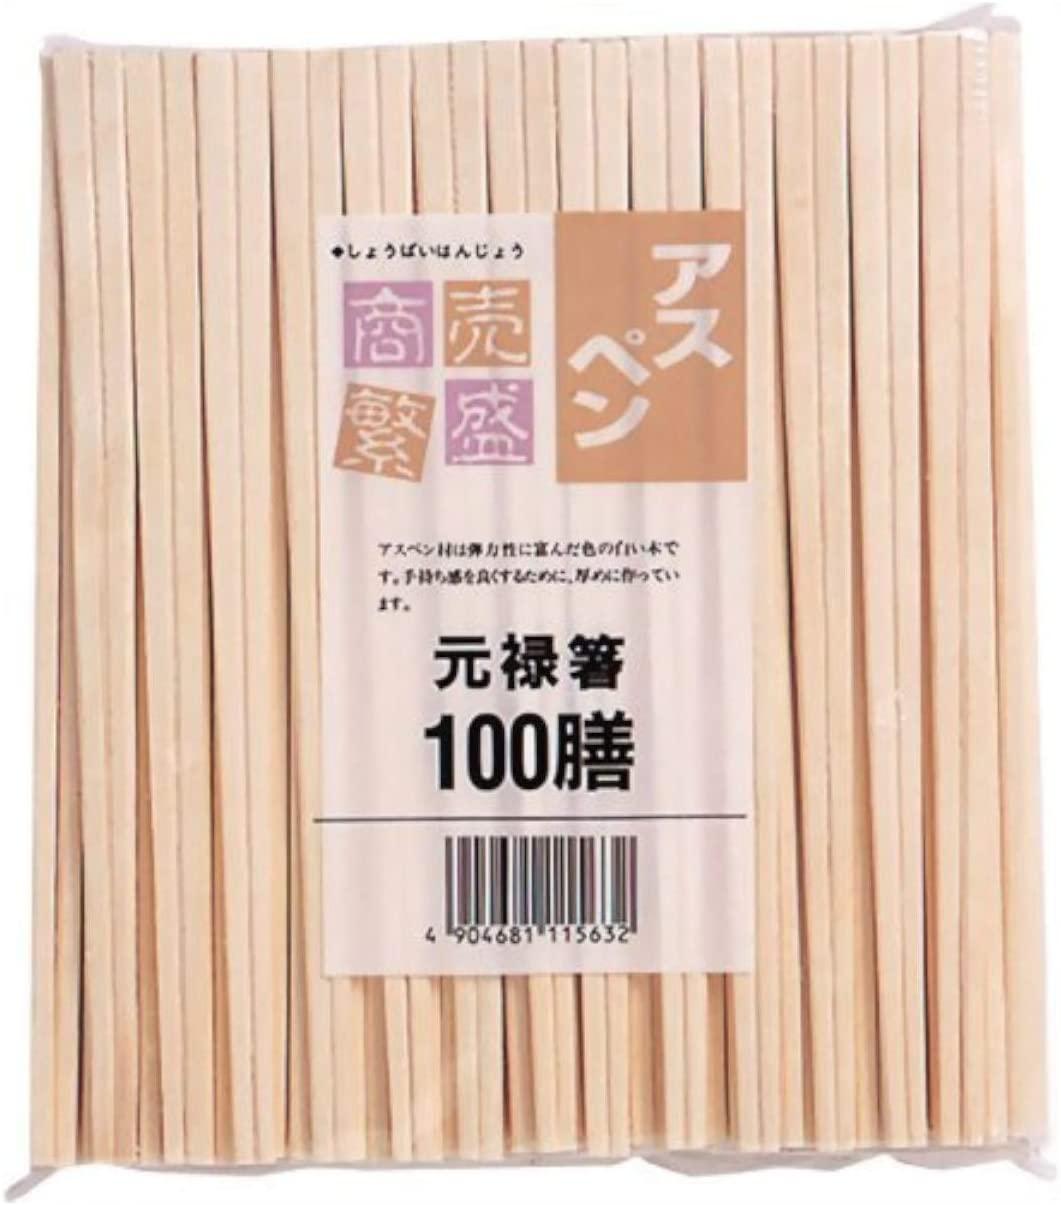 商売繁盛 アスペン元禄箸(裸) 100膳の商品画像